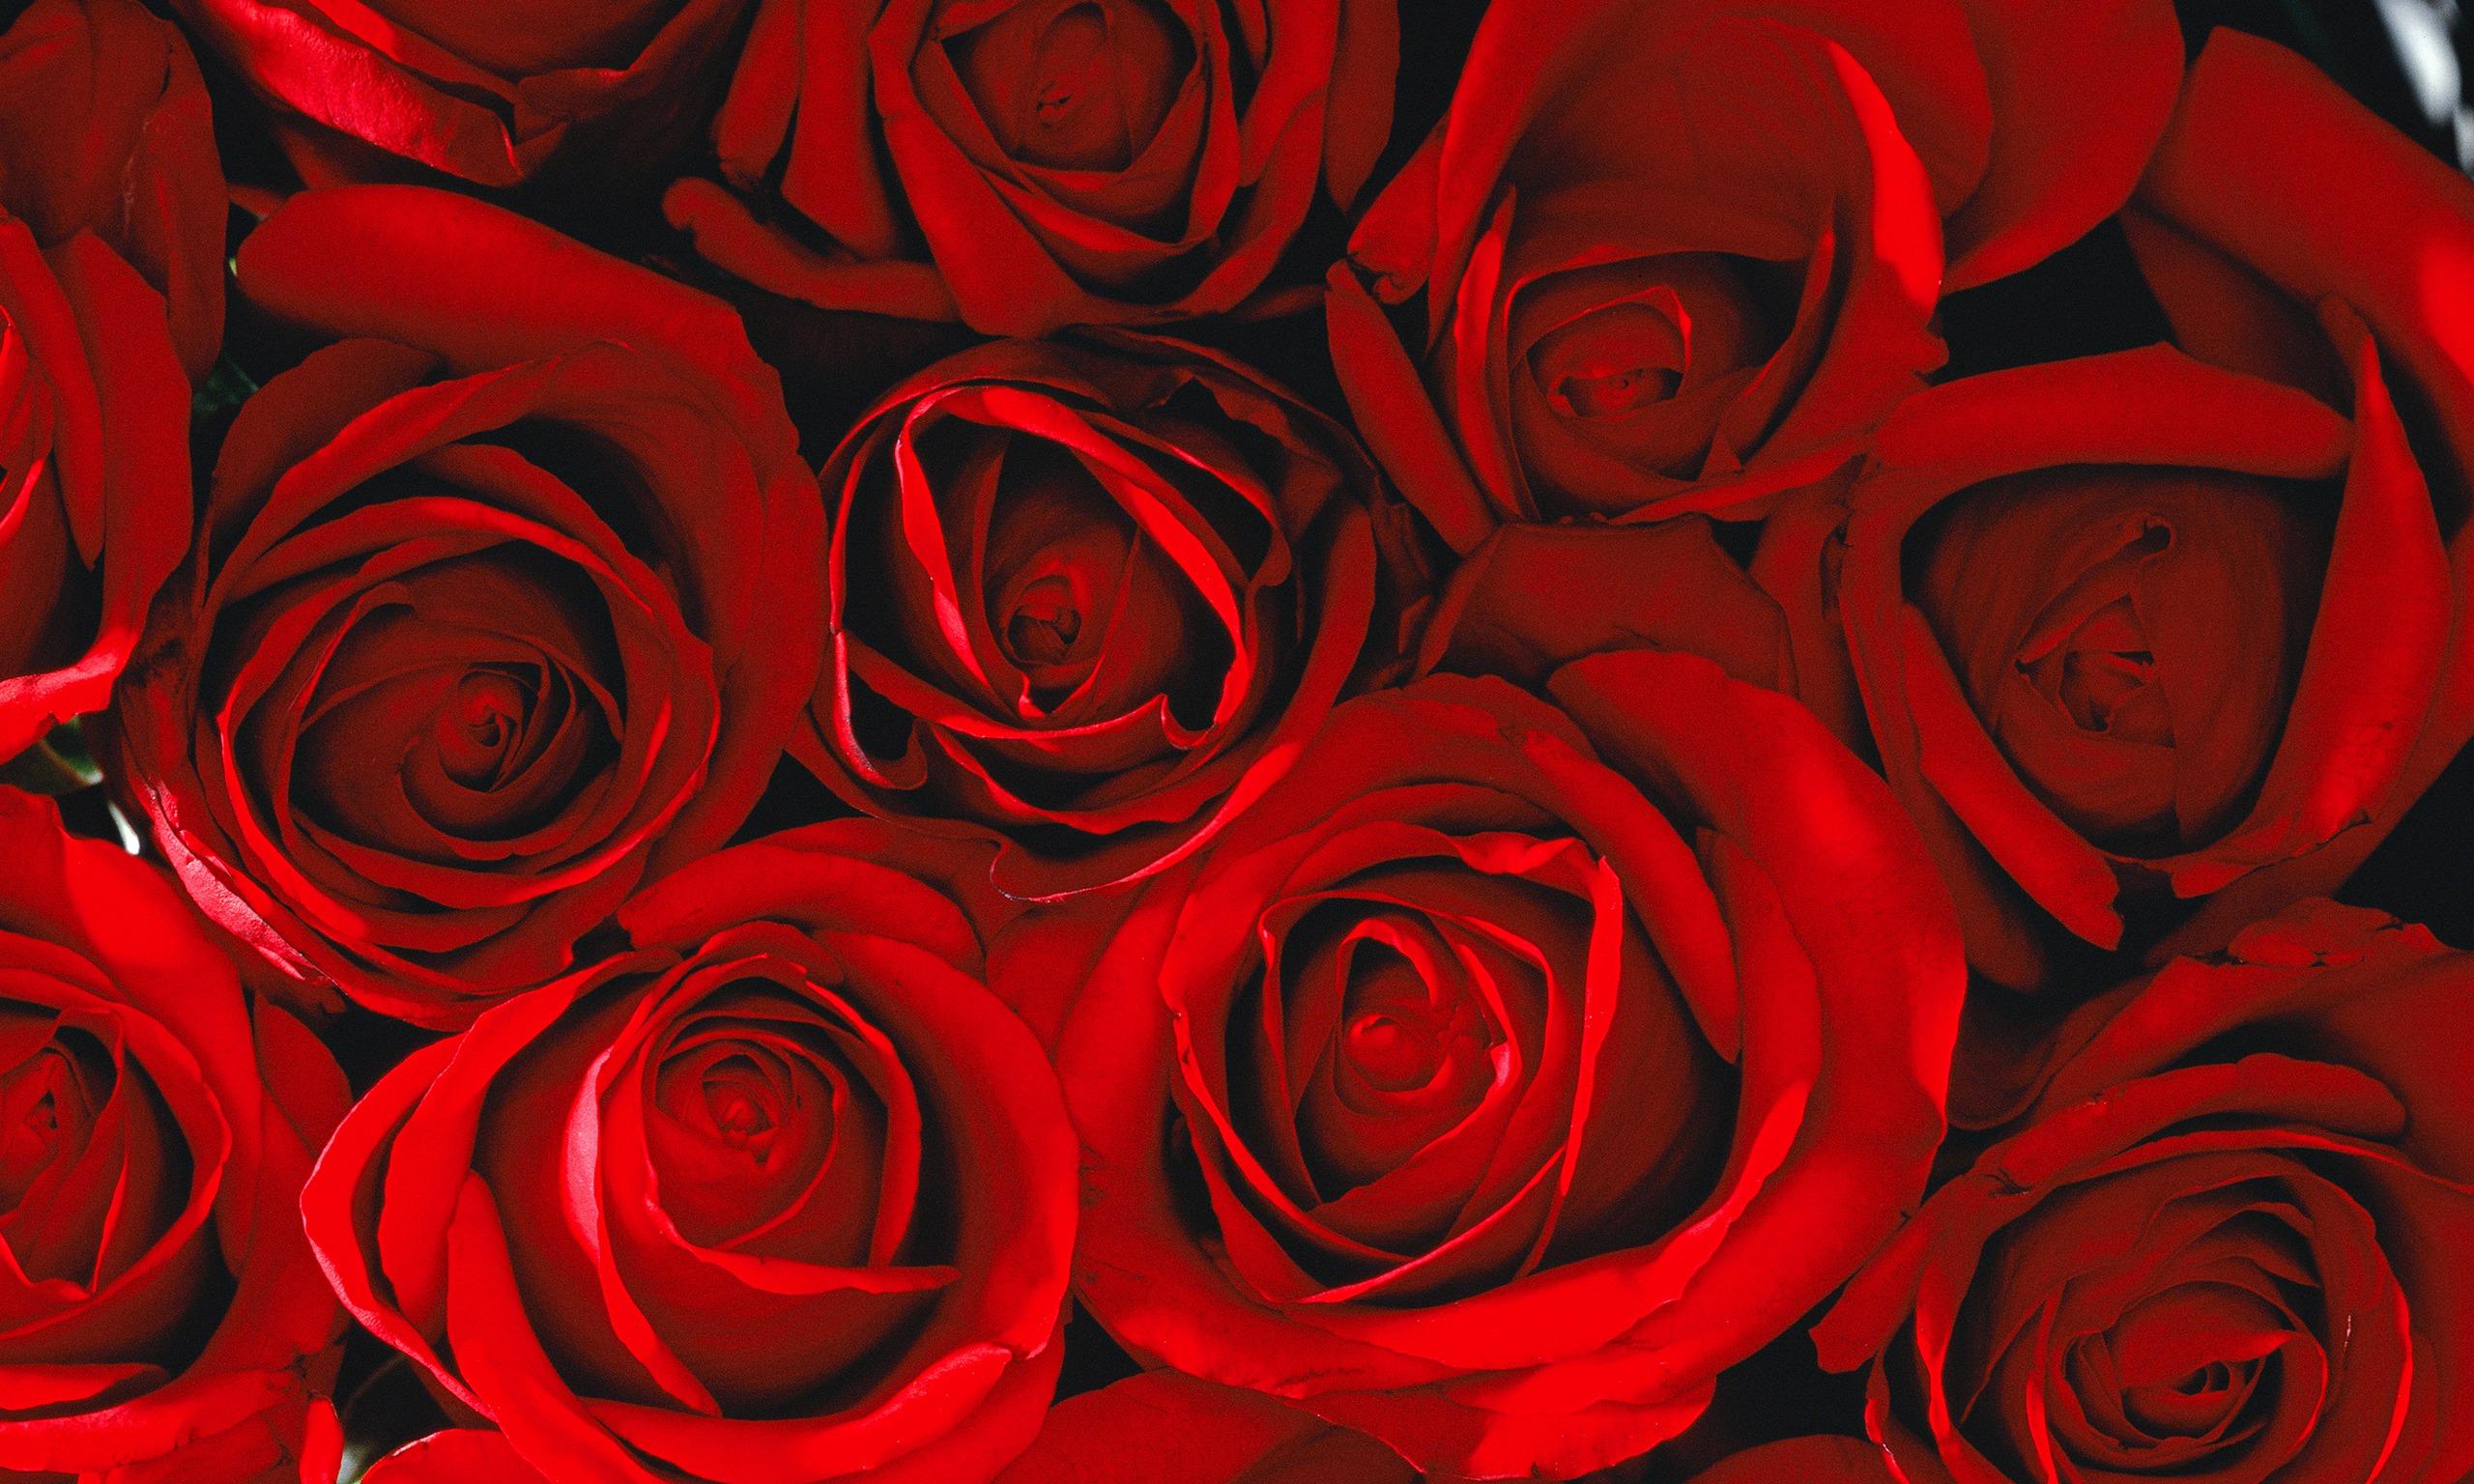 Red Rose Tumblr...